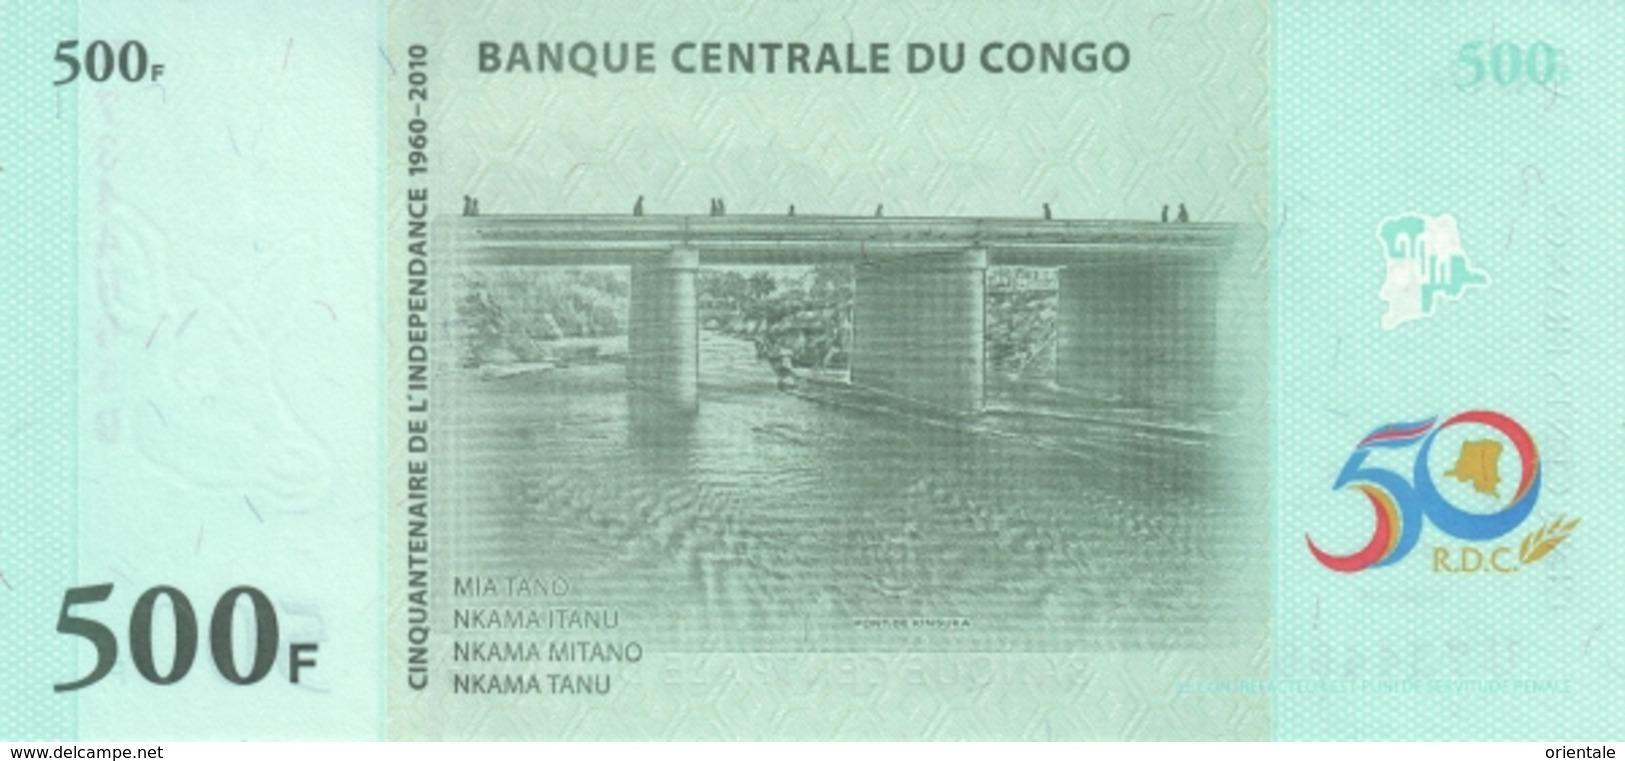 CONGO D.R. P. 100 500 F 2010 UNC - Repubblica Democratica Del Congo & Zaire